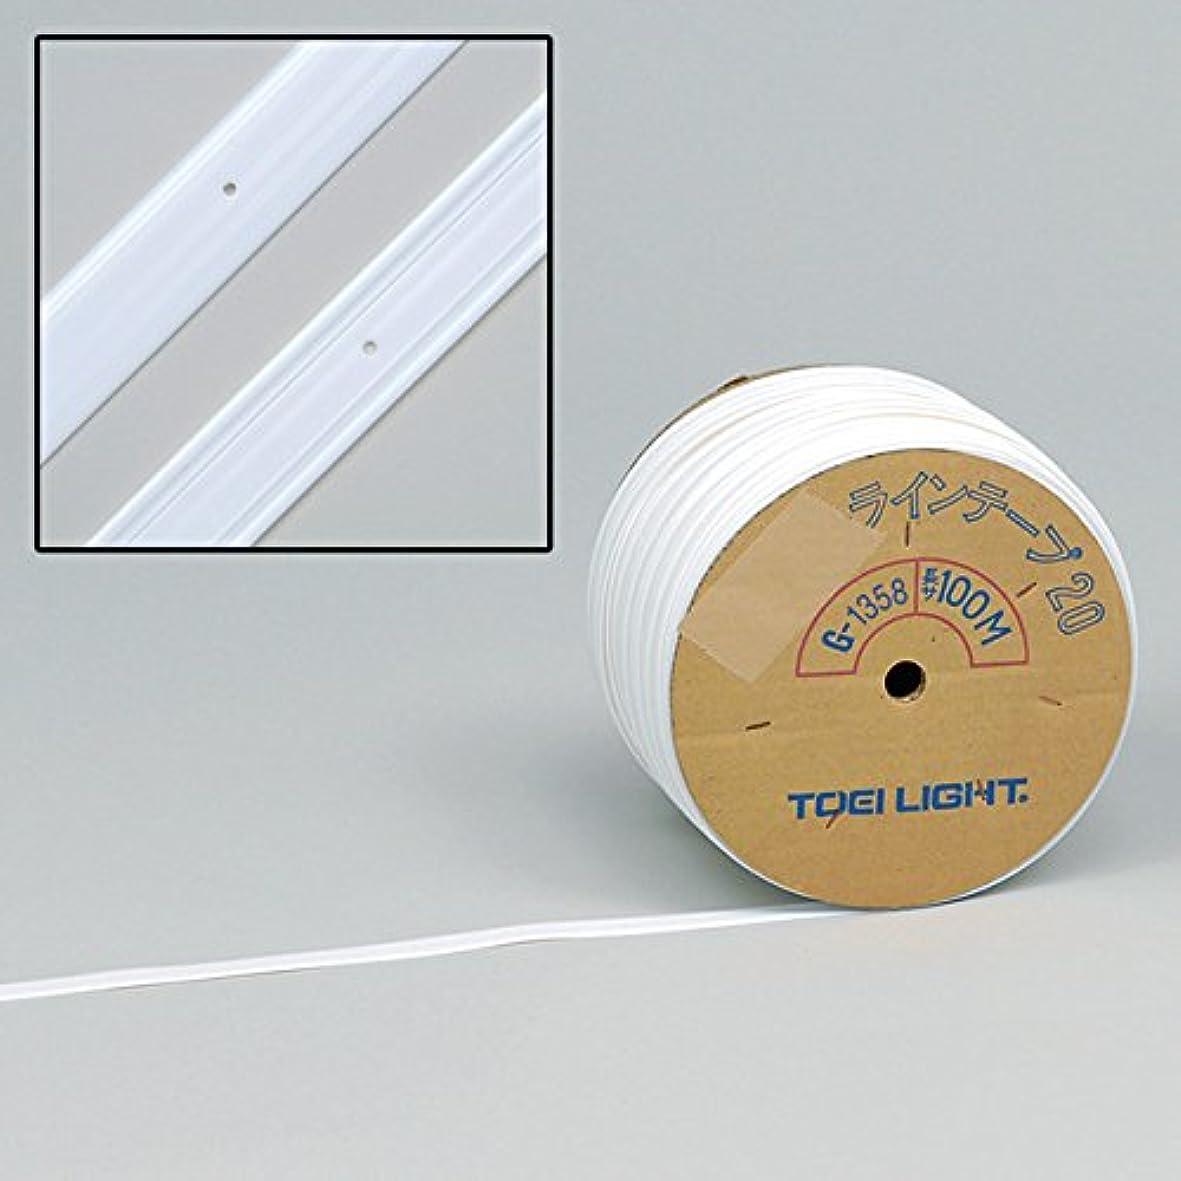 である同情瞳TOEI LIGHT(トーエイライト) ラインテープPE20/100 G1358 G1358